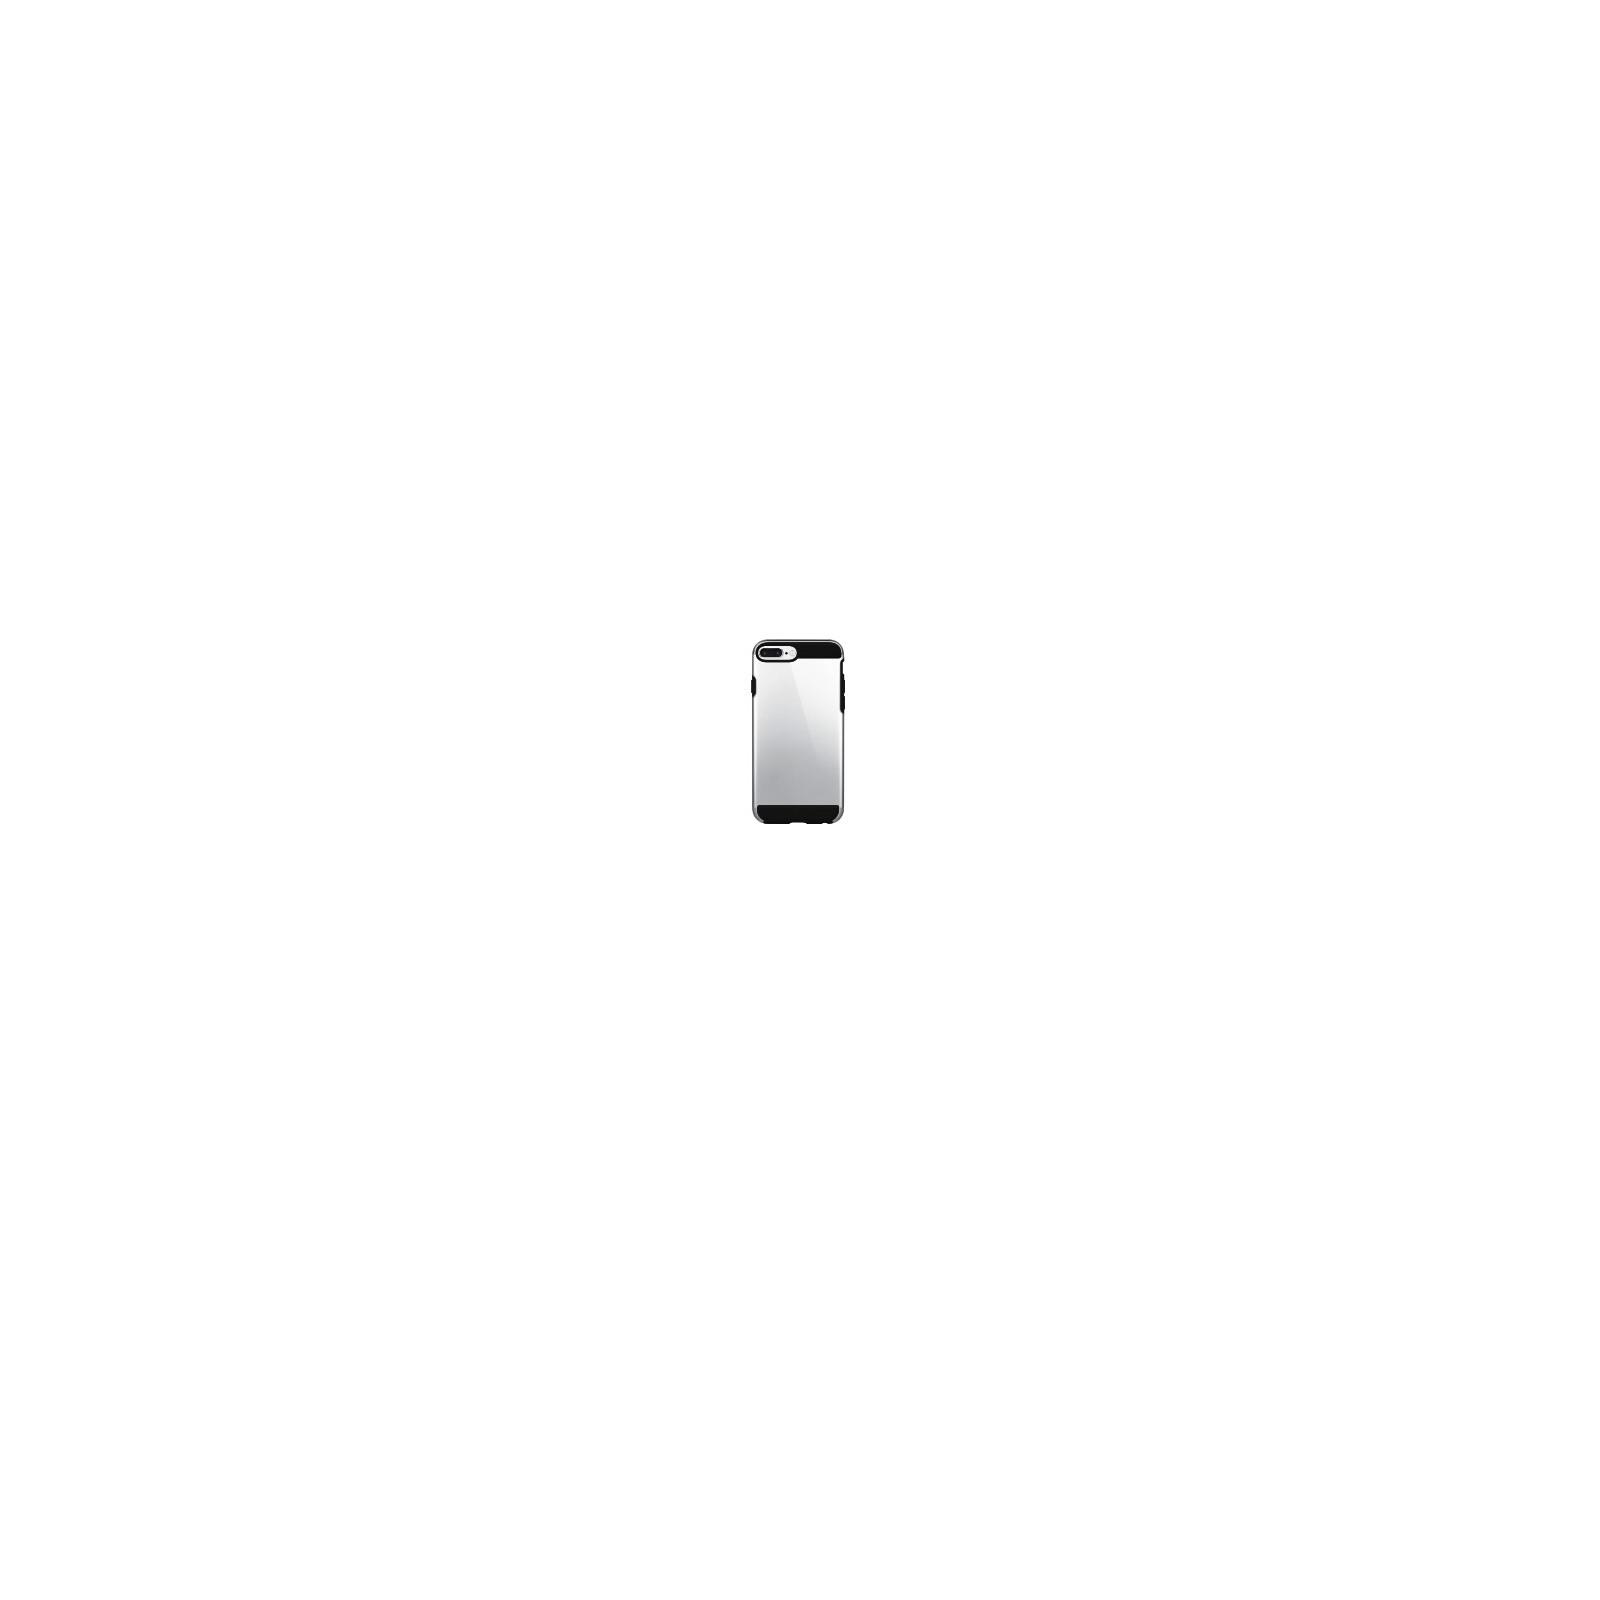 Hama Back Cover Black Rock Apple iPhone 6Plus/6sPlus/7Plus/8